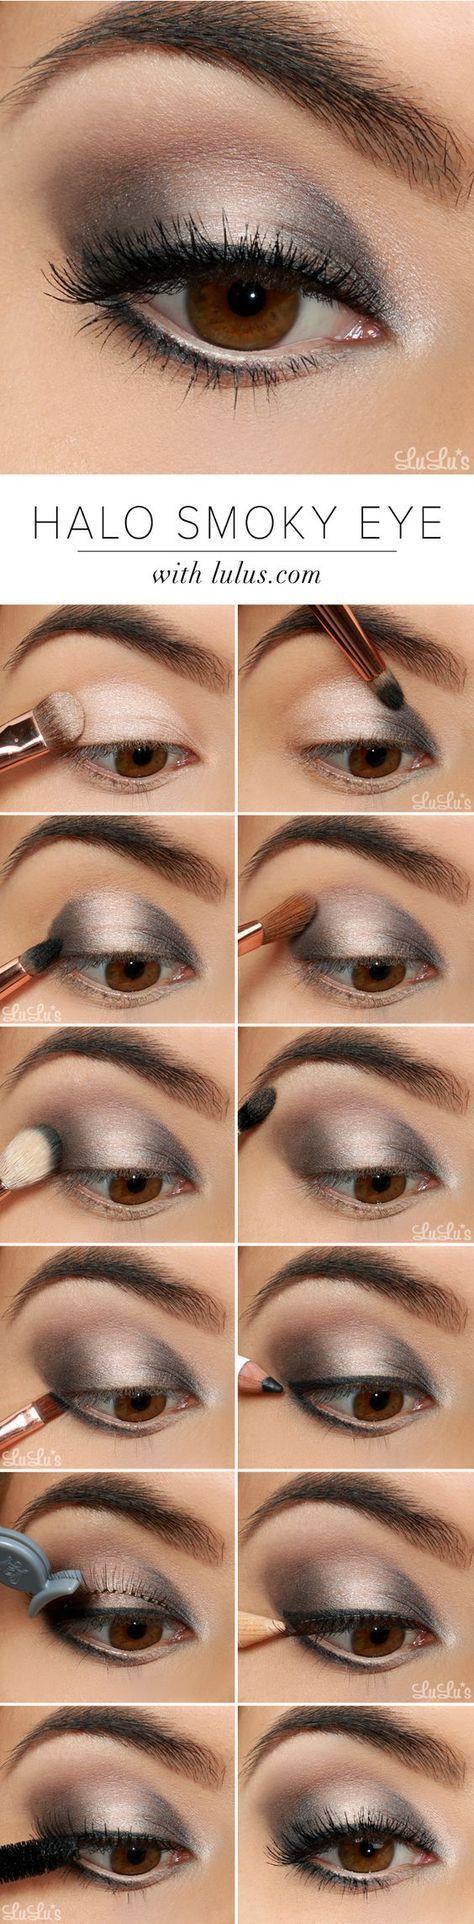 Tutorial paso a paso Smokey Eye para principiantes: Silver Smokey Eye #beginners #Co …